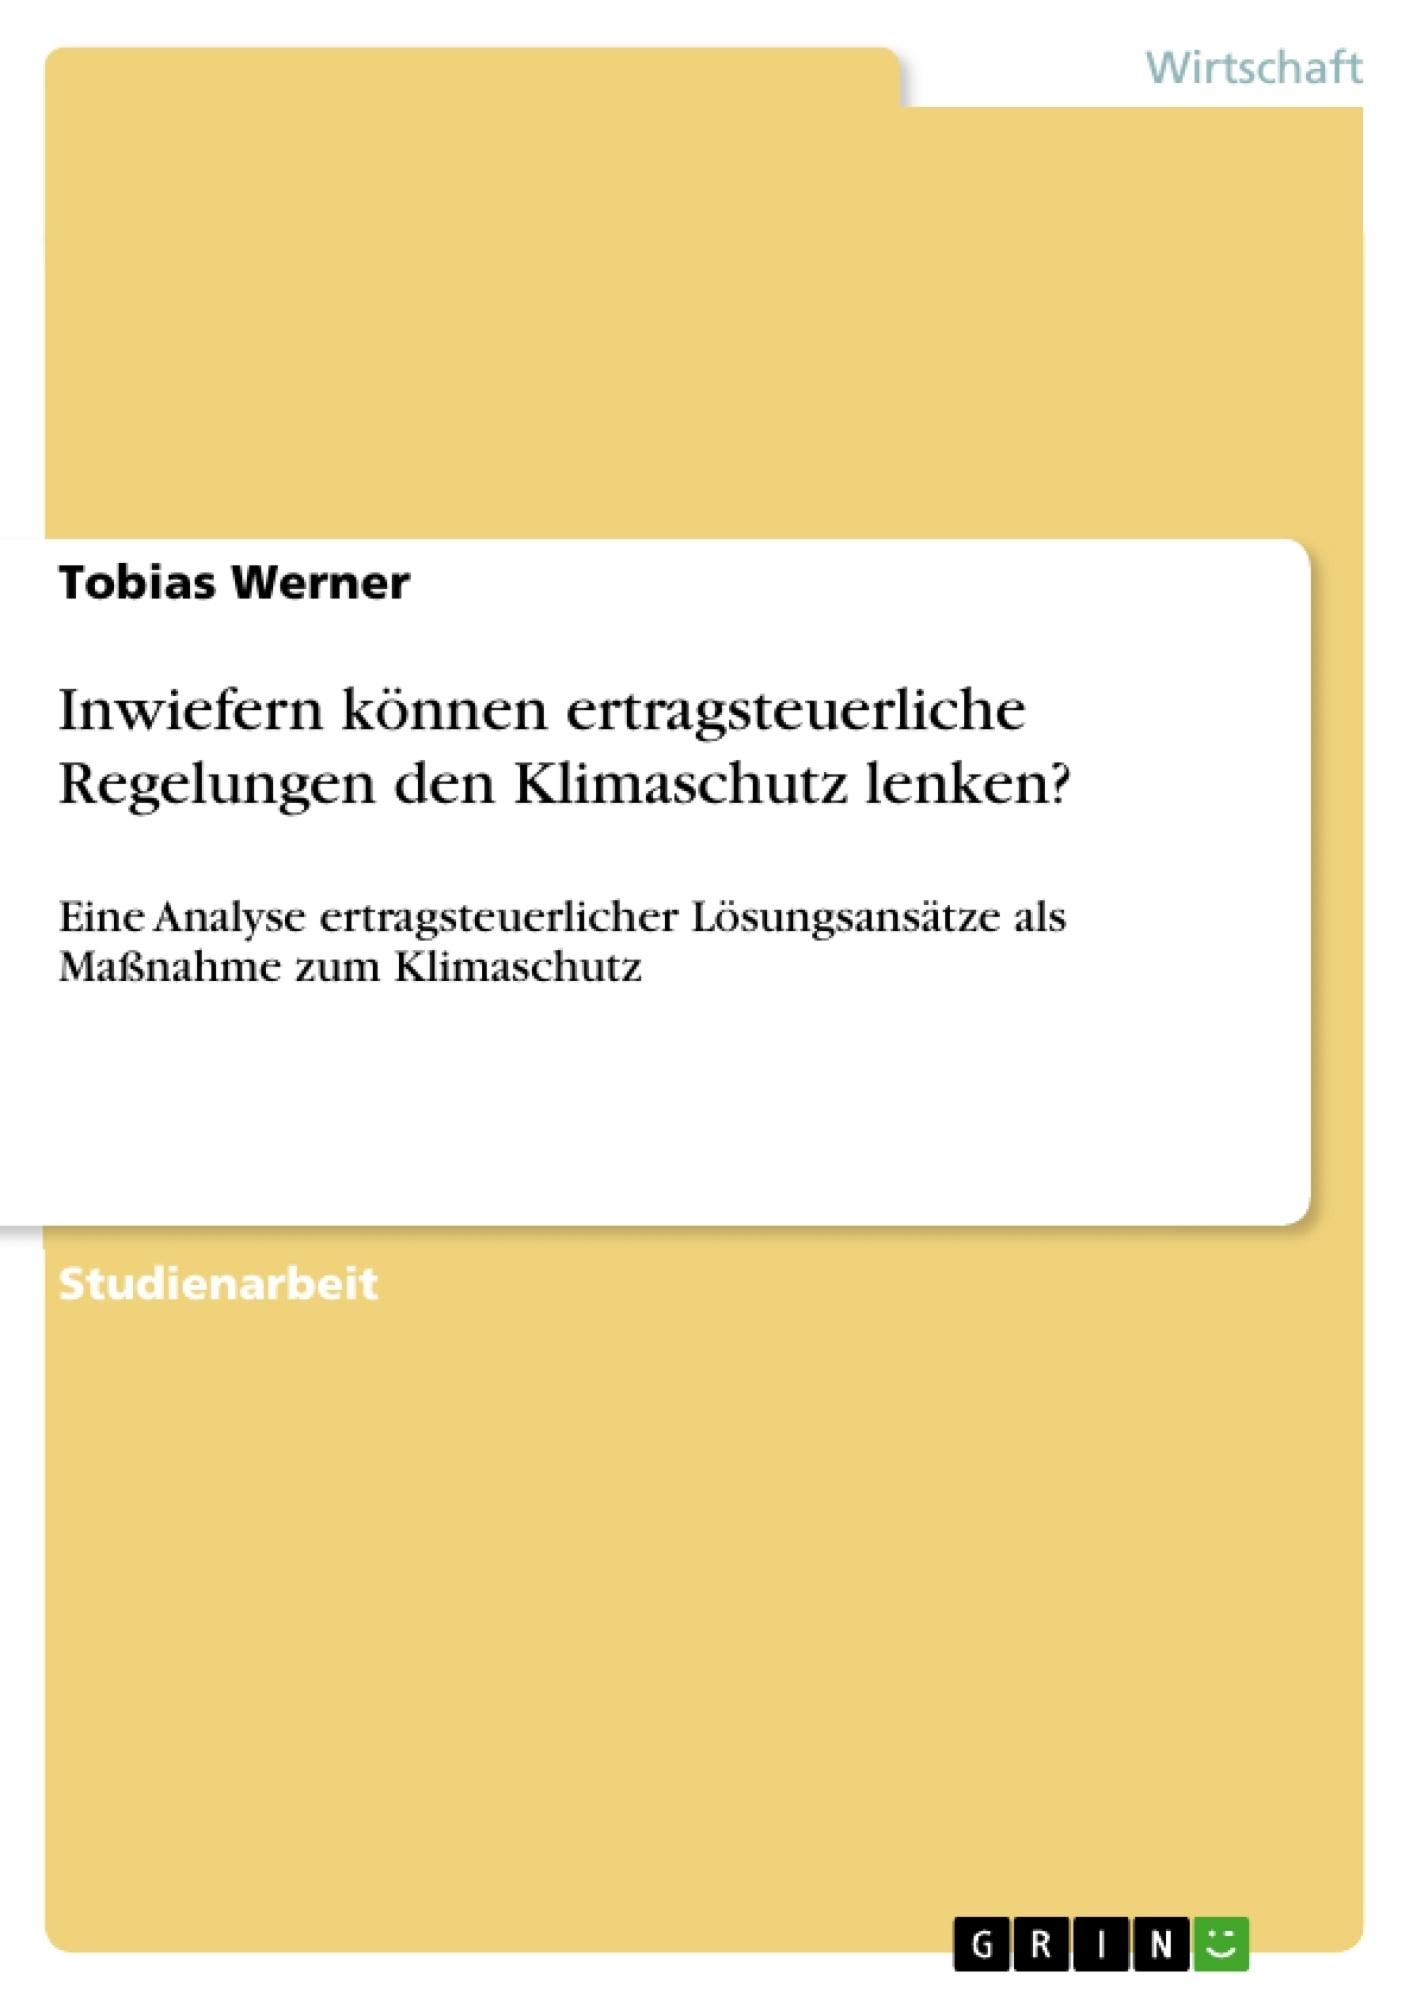 Titel: Inwiefern können ertragsteuerliche Regelungen den Klimaschutz lenken?